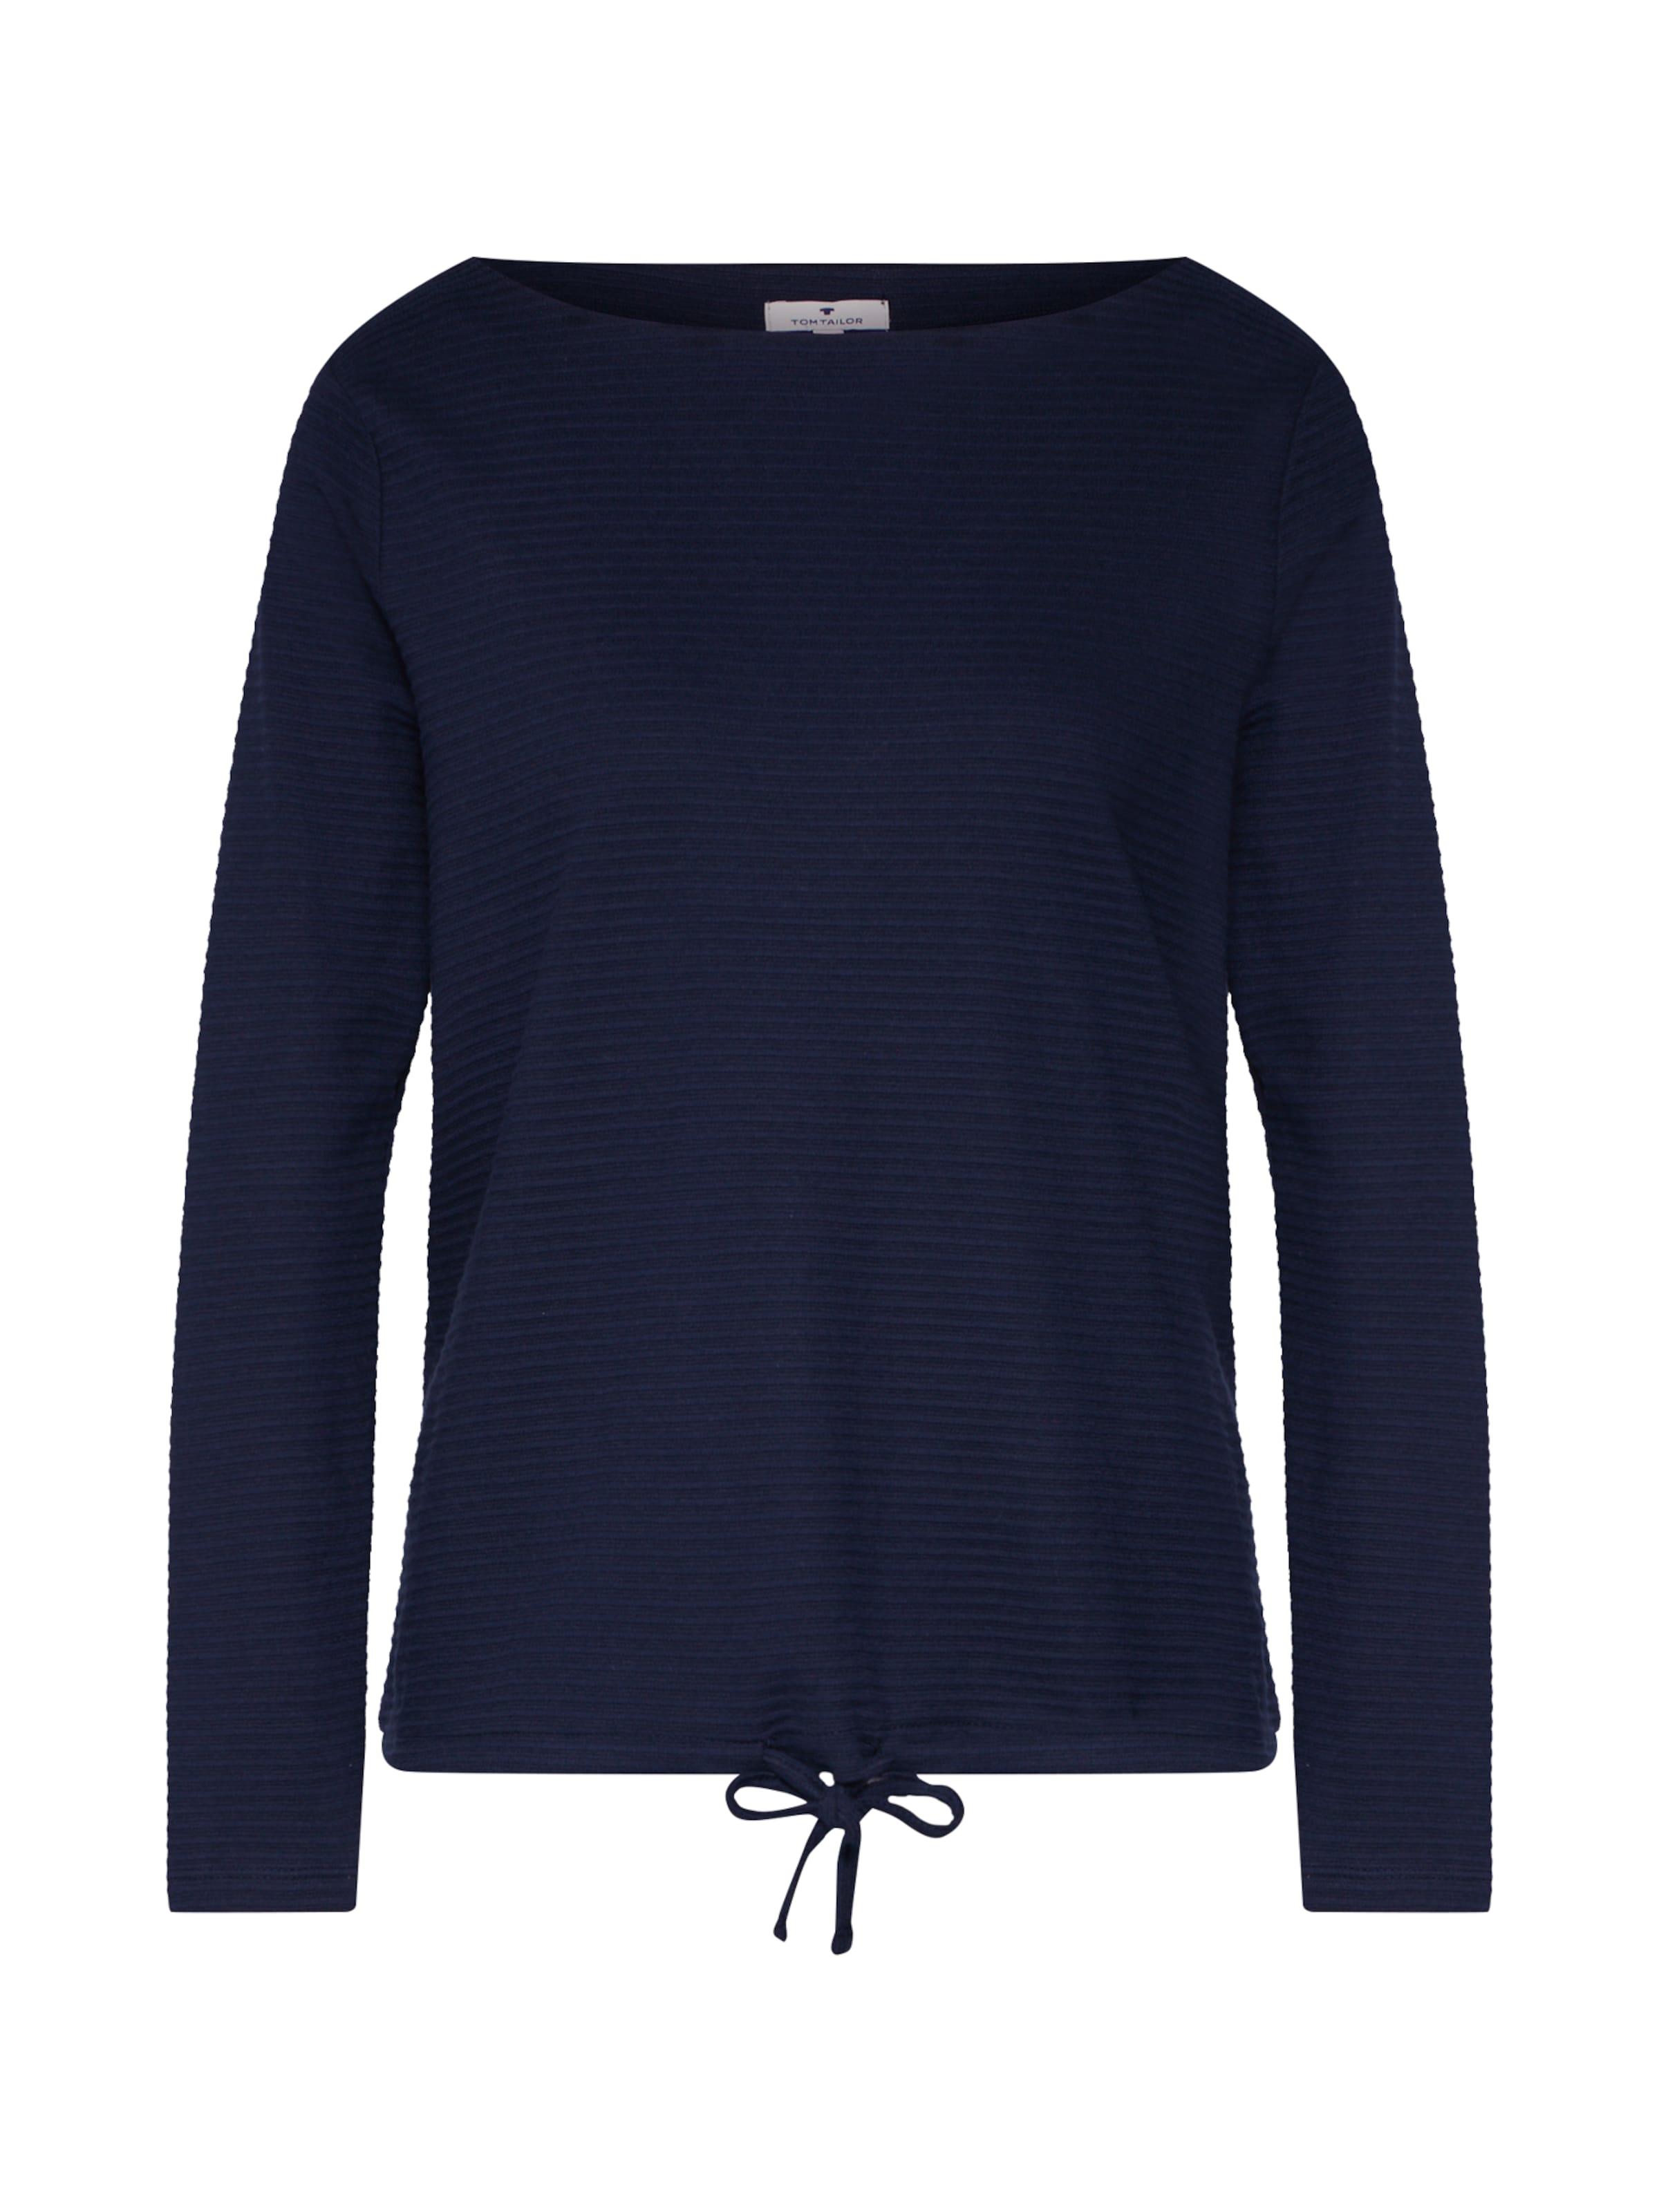 Sweat Tailor En Foncé Tom Bleu shirt 4qjAL35R